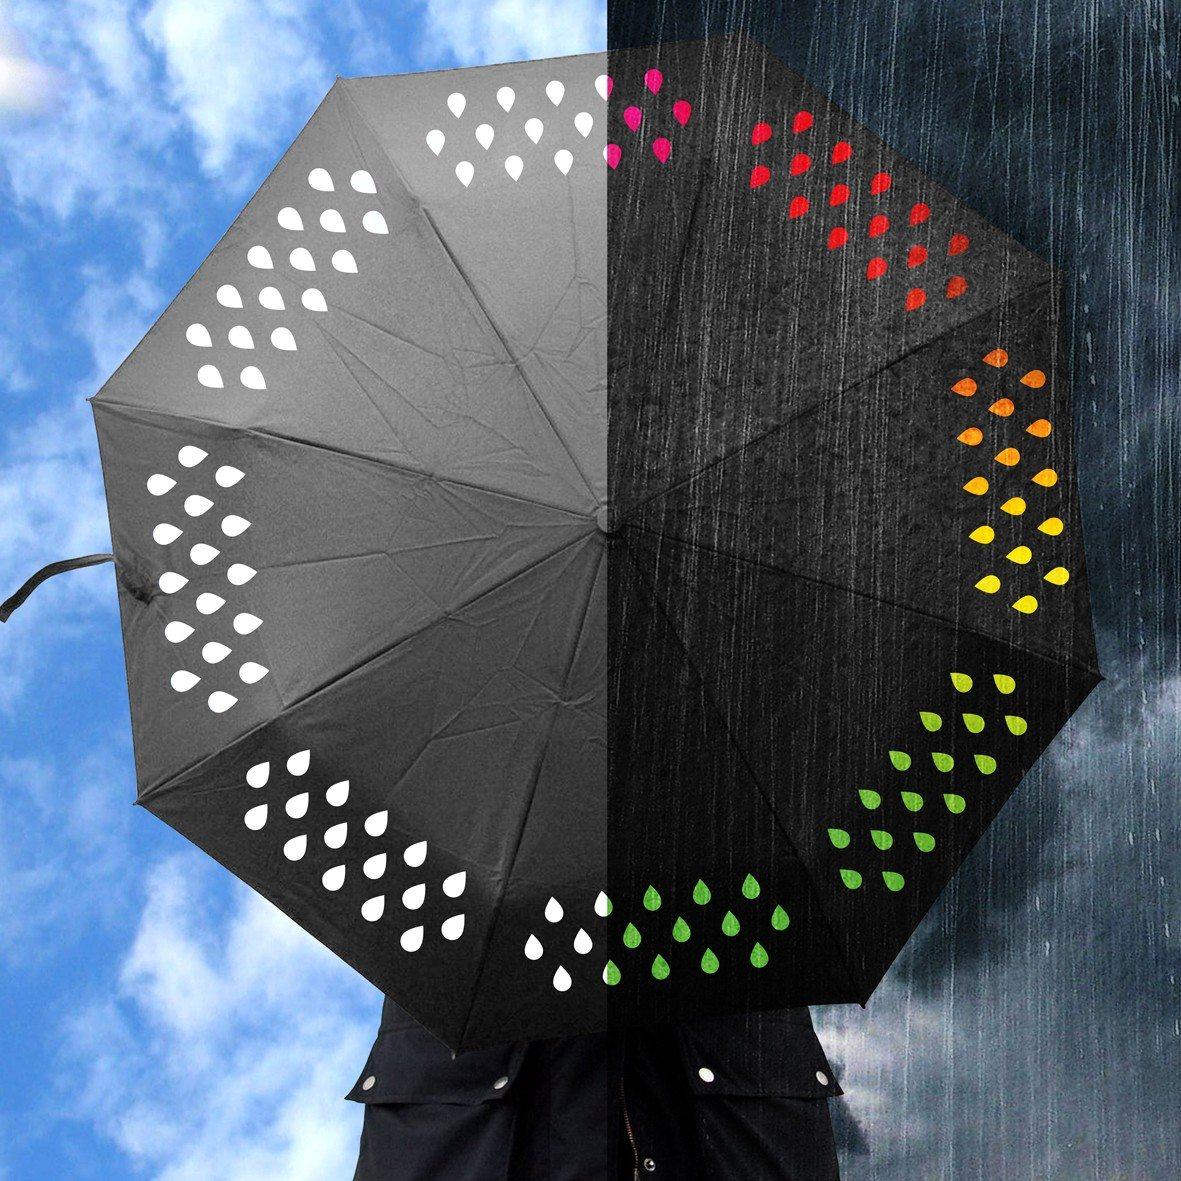 Farbwechselnder Regenschirm